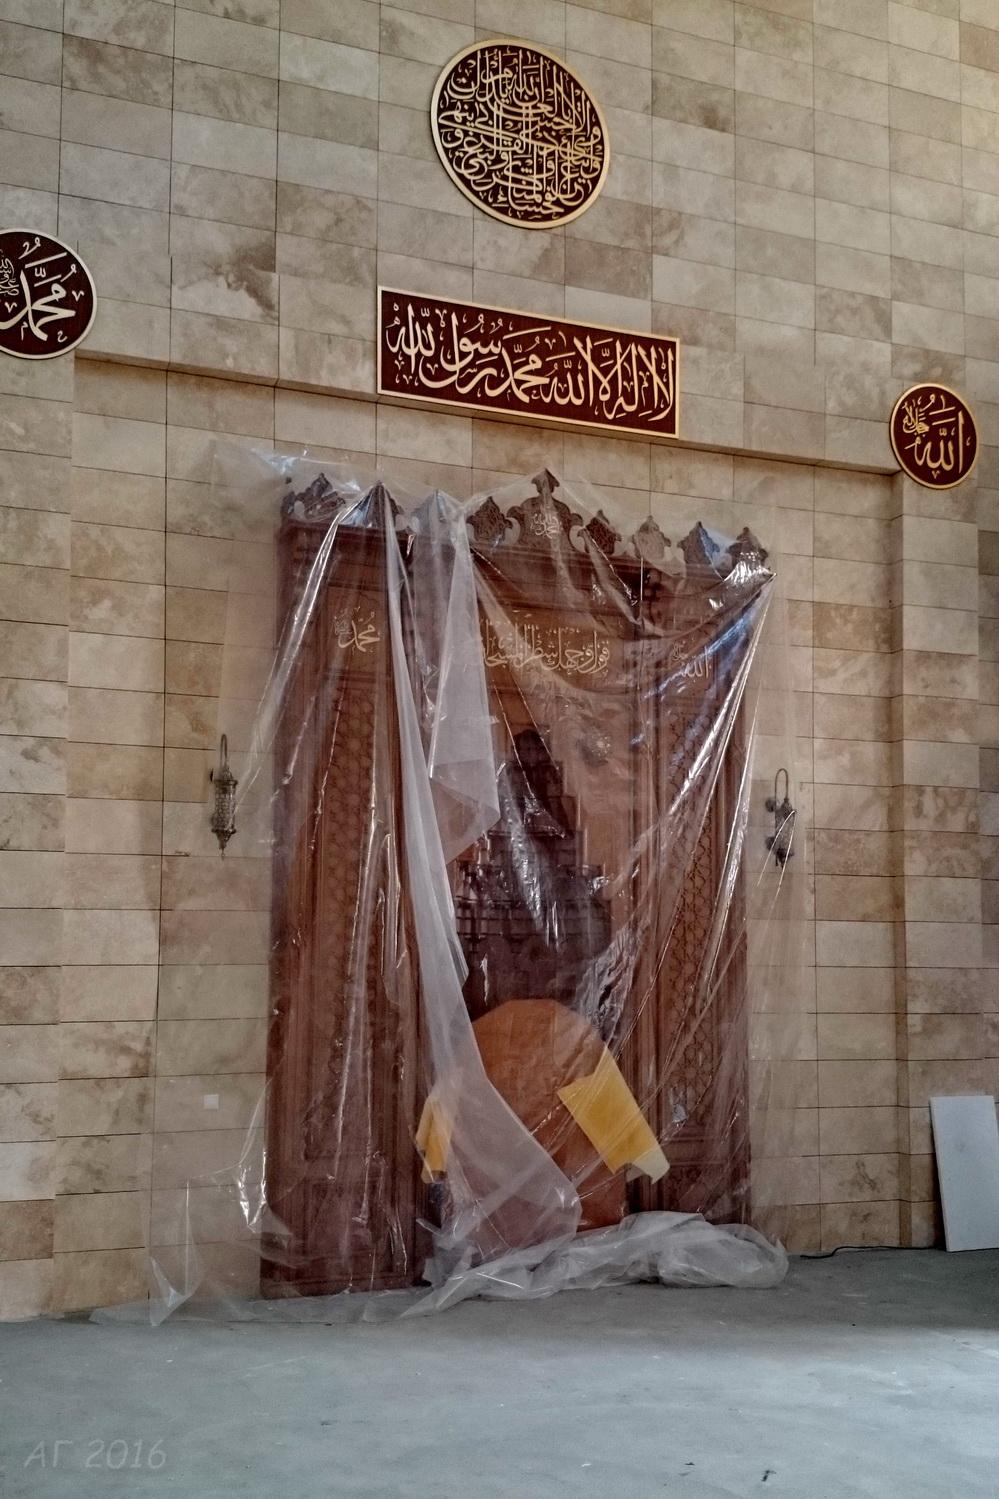 Мечеть г. Минска. Строительство. 27.05.2016